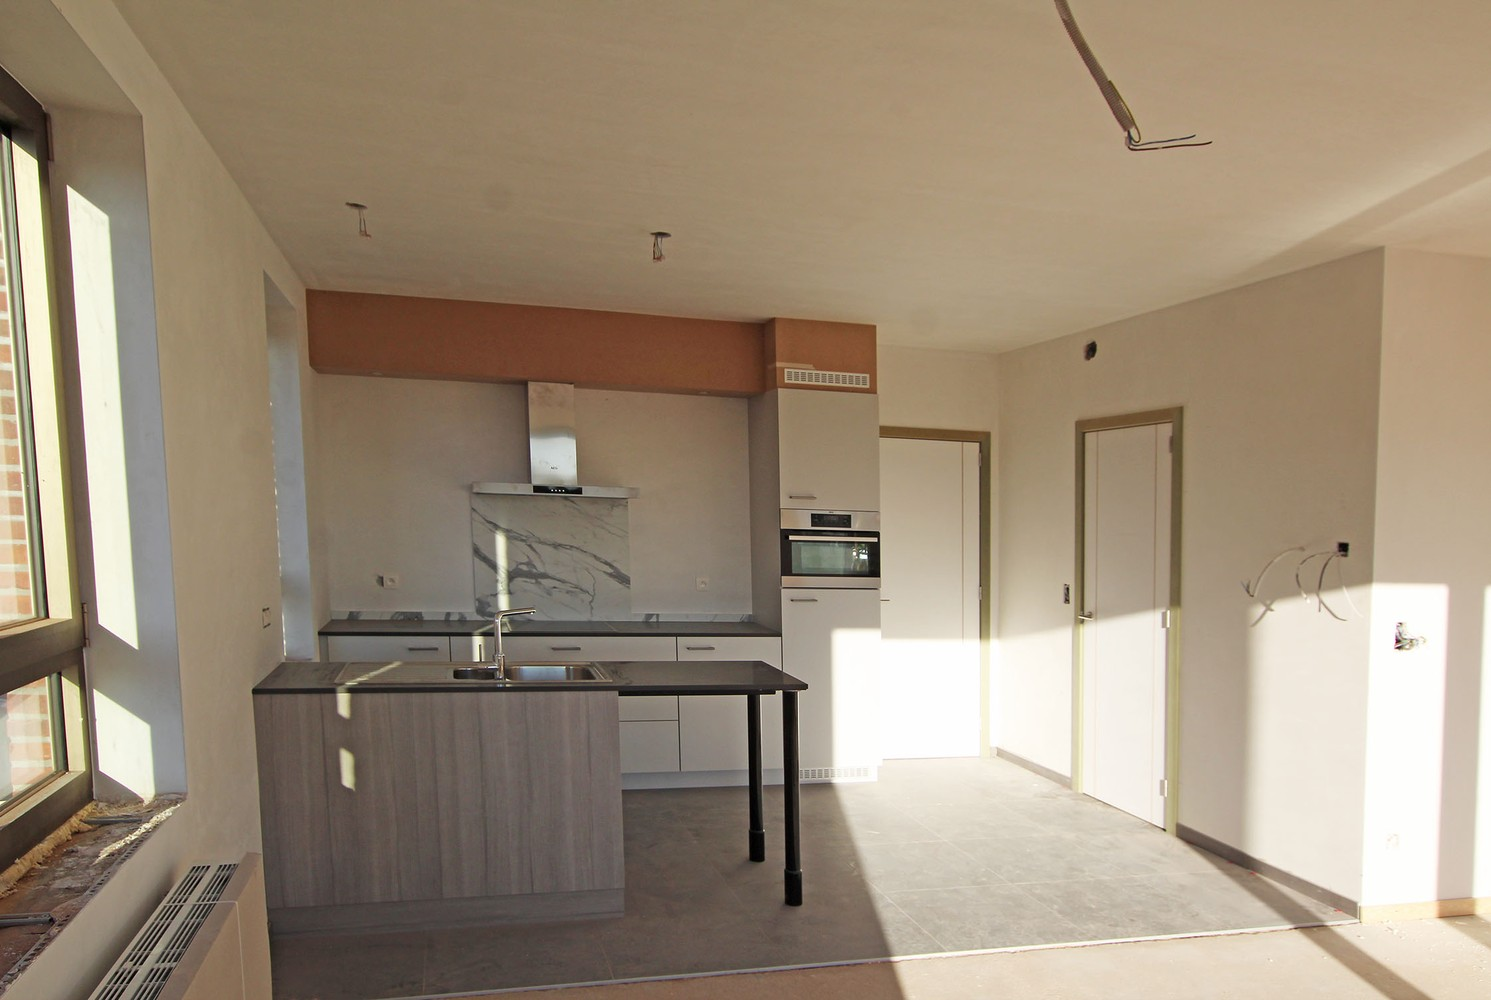 Prachtig nieuwbouwappartement met 2 slaapkamers en zonnig terras te Wommelgem! afbeelding 4